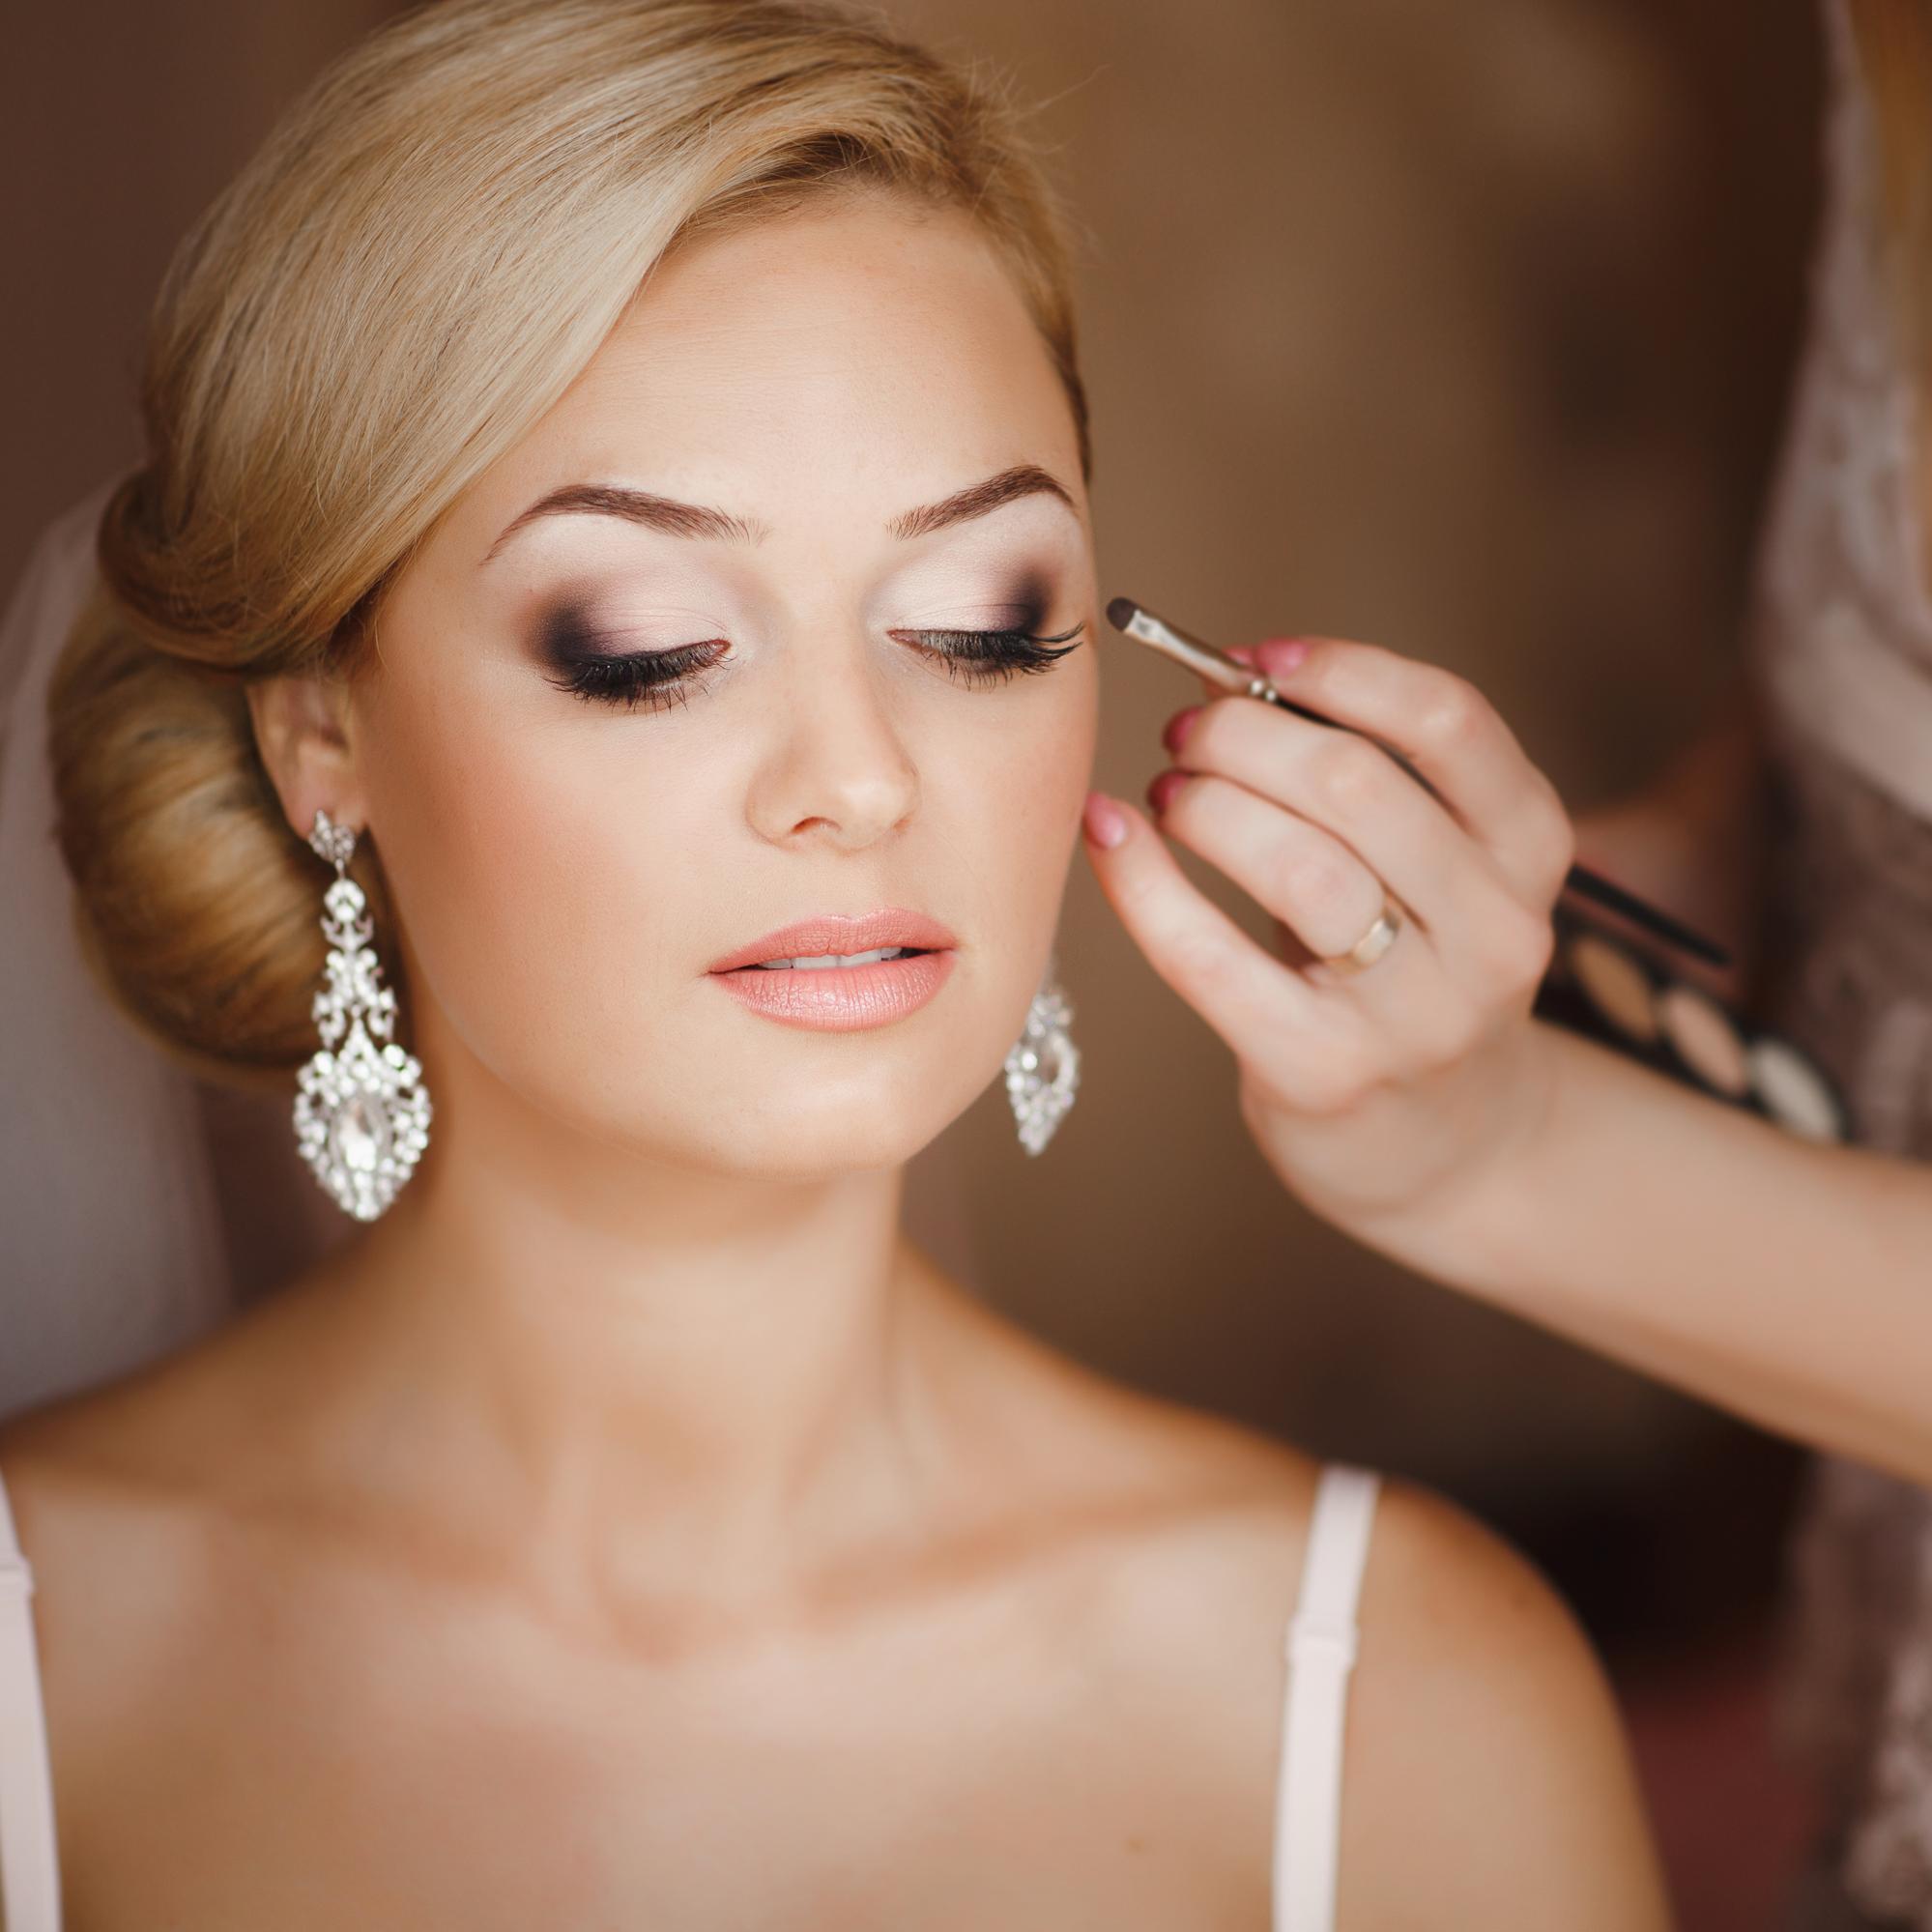 Préparez les paupières pour le maquillage de mariage pour yeux verts.